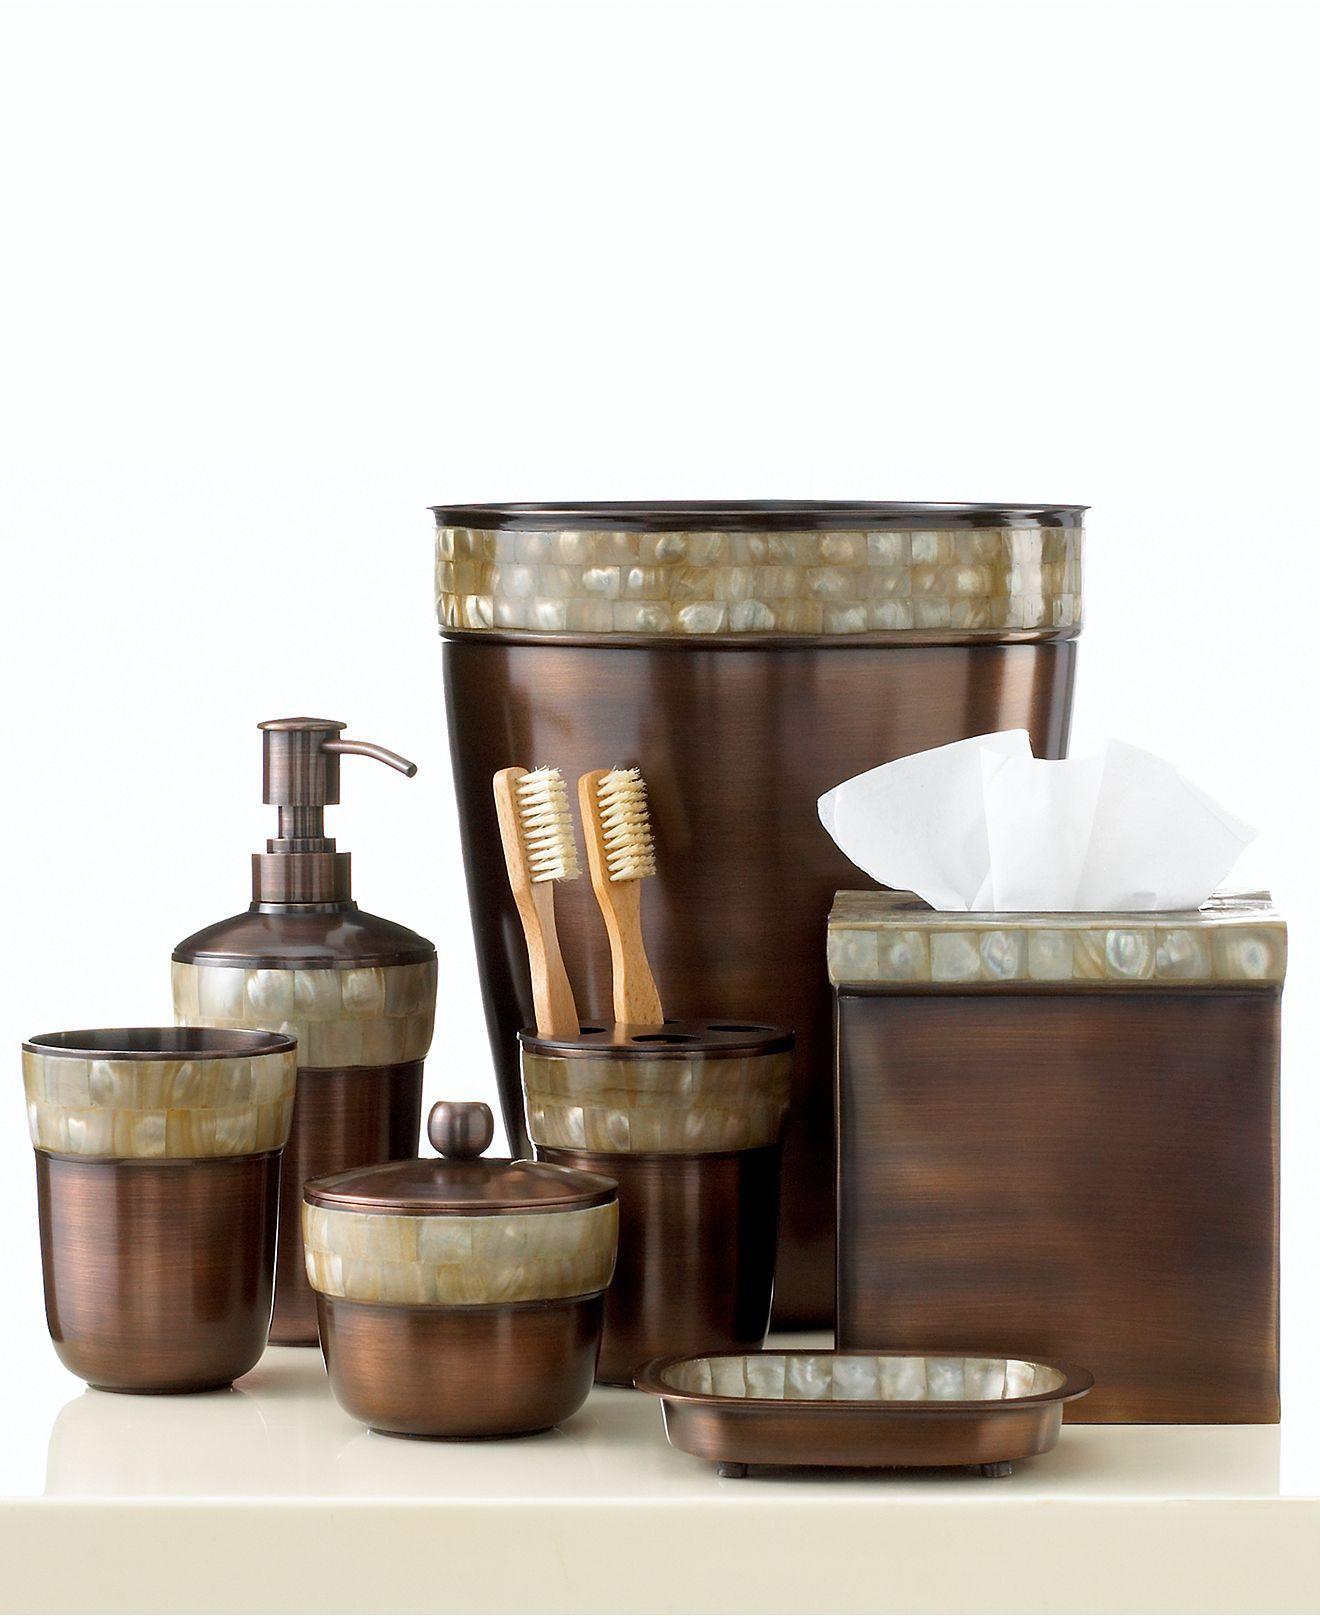 Paradigm Bath Accessories Opal Copper Collection Bathroom - Copper bathroom accessories sets for bathroom decor ideas